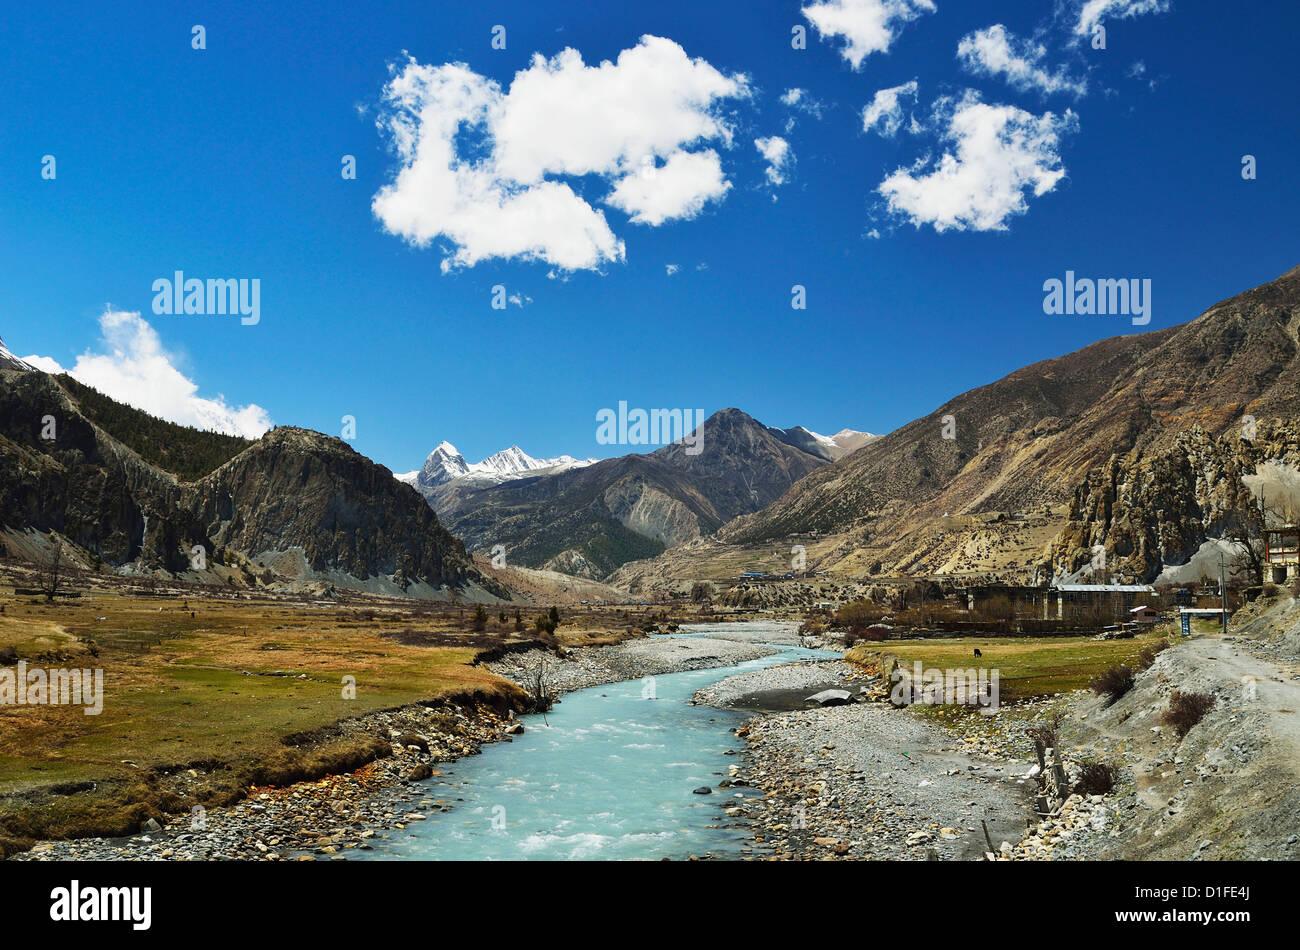 Marsyangdi River Valley, de l'Annapurna Conservation Area, Gandaki, Région de l'Ouest (Pashchimanchal), Photo Stock